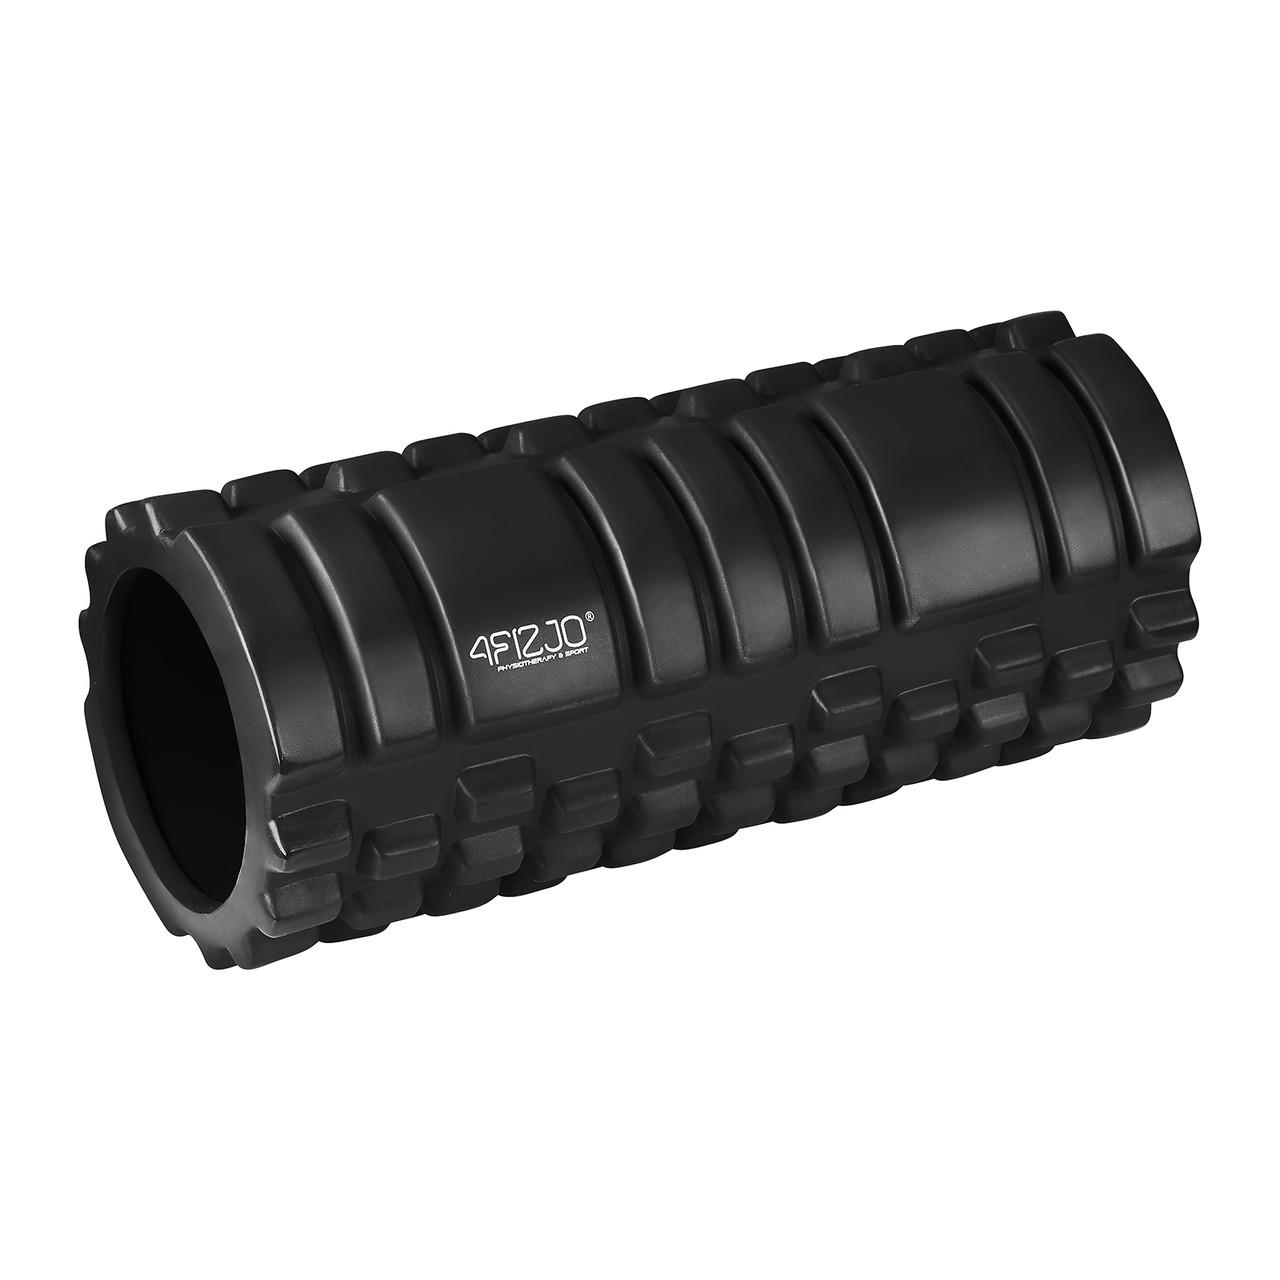 Масажний ролик (валик, роллер) 4FIZJO 33 x 14 см 4FJ0025 Black